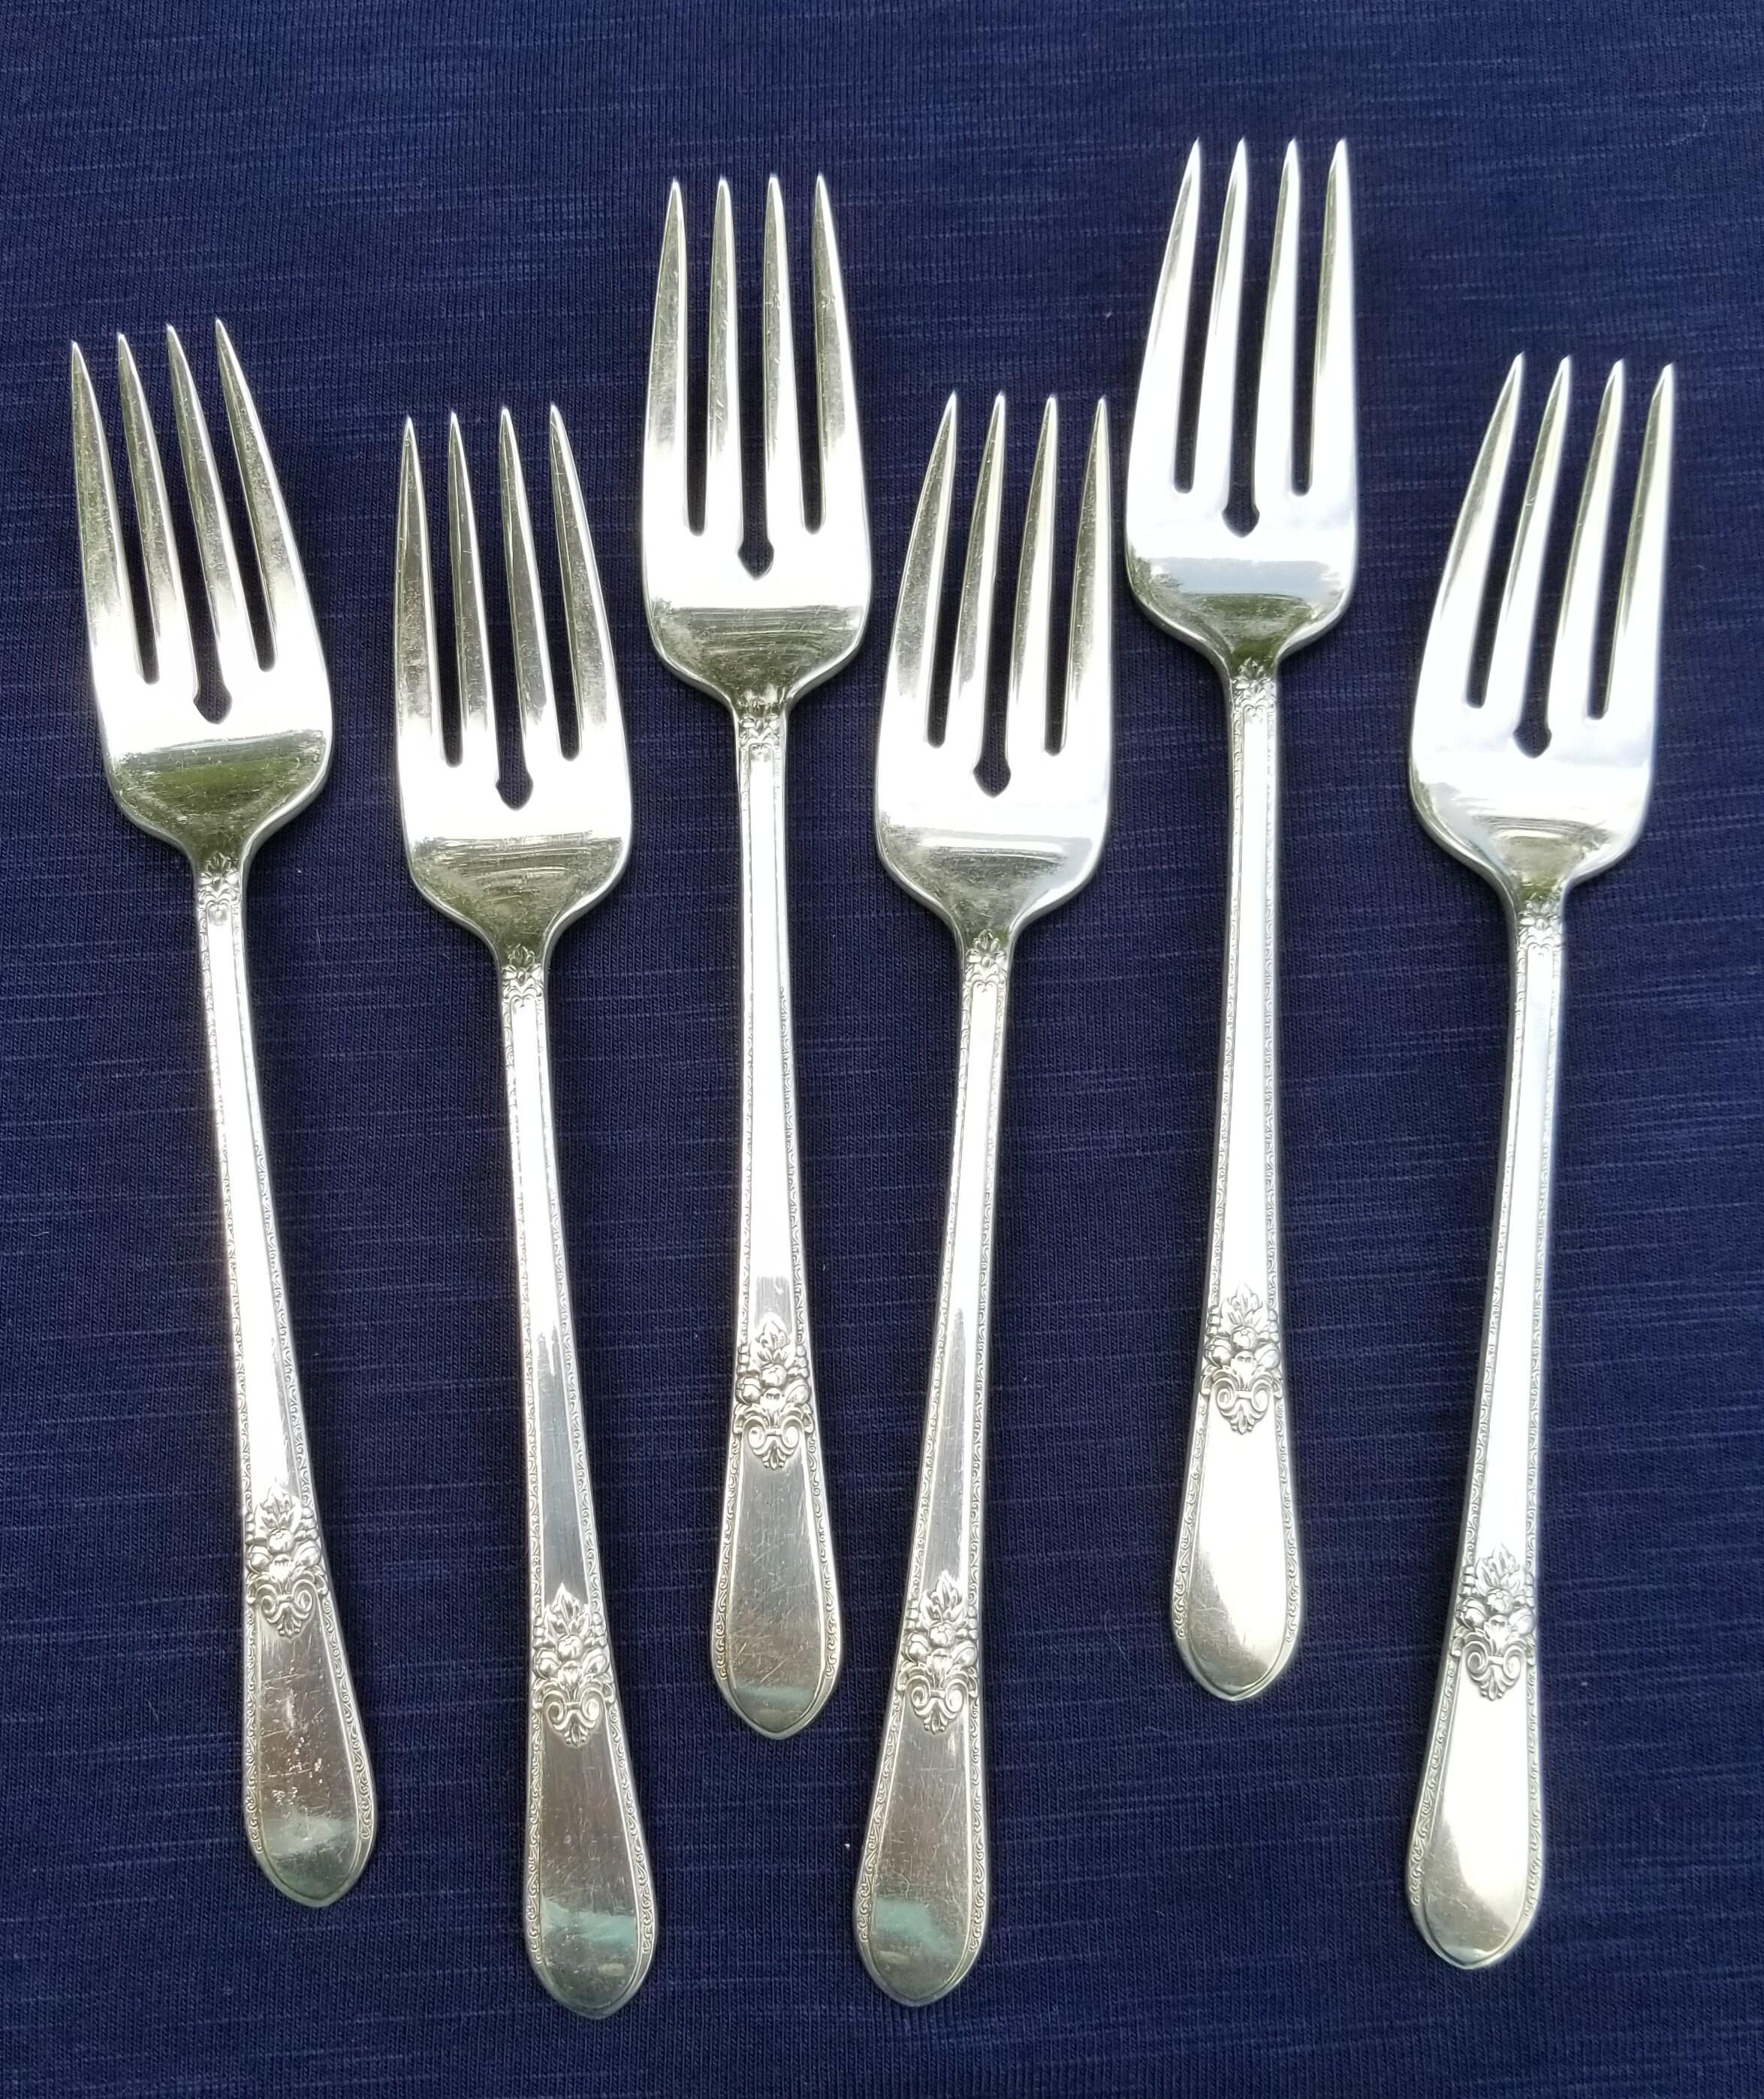 Dating antique forks